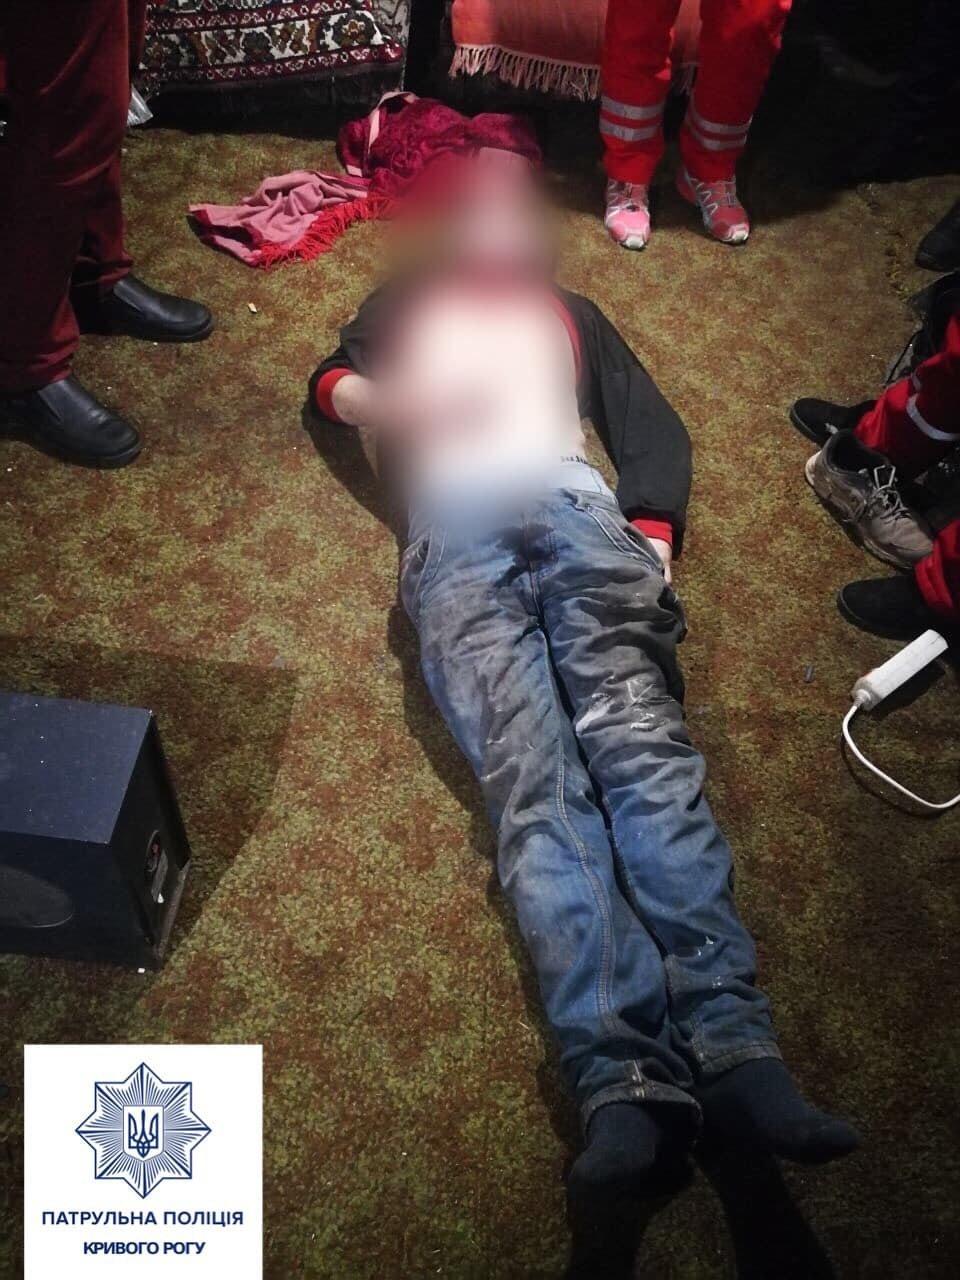 Совместная выпивка закончилась убийством: в Кривом Роге патрульные задержали подозреваемого, - ФОТО 18+, фото-2